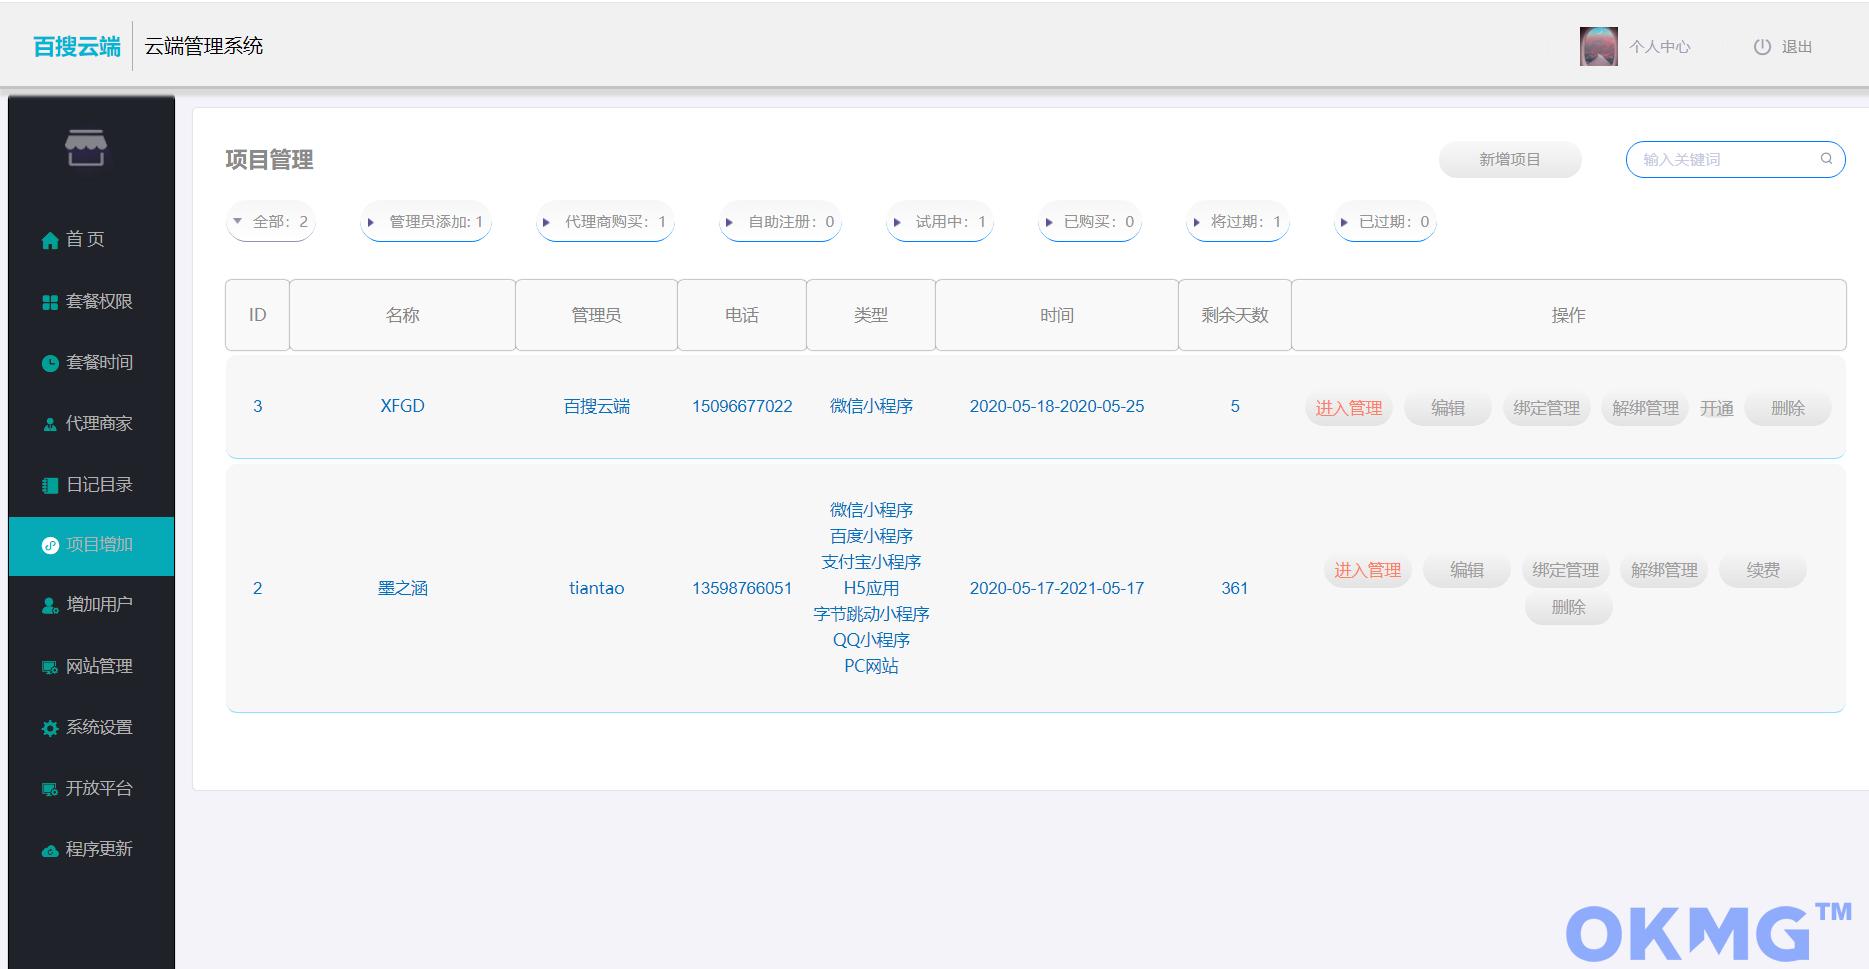 手机视频导航网站源码下载_下载手机视频是那个网站 (https://www.oilcn.net.cn/) 综合教程 第7张